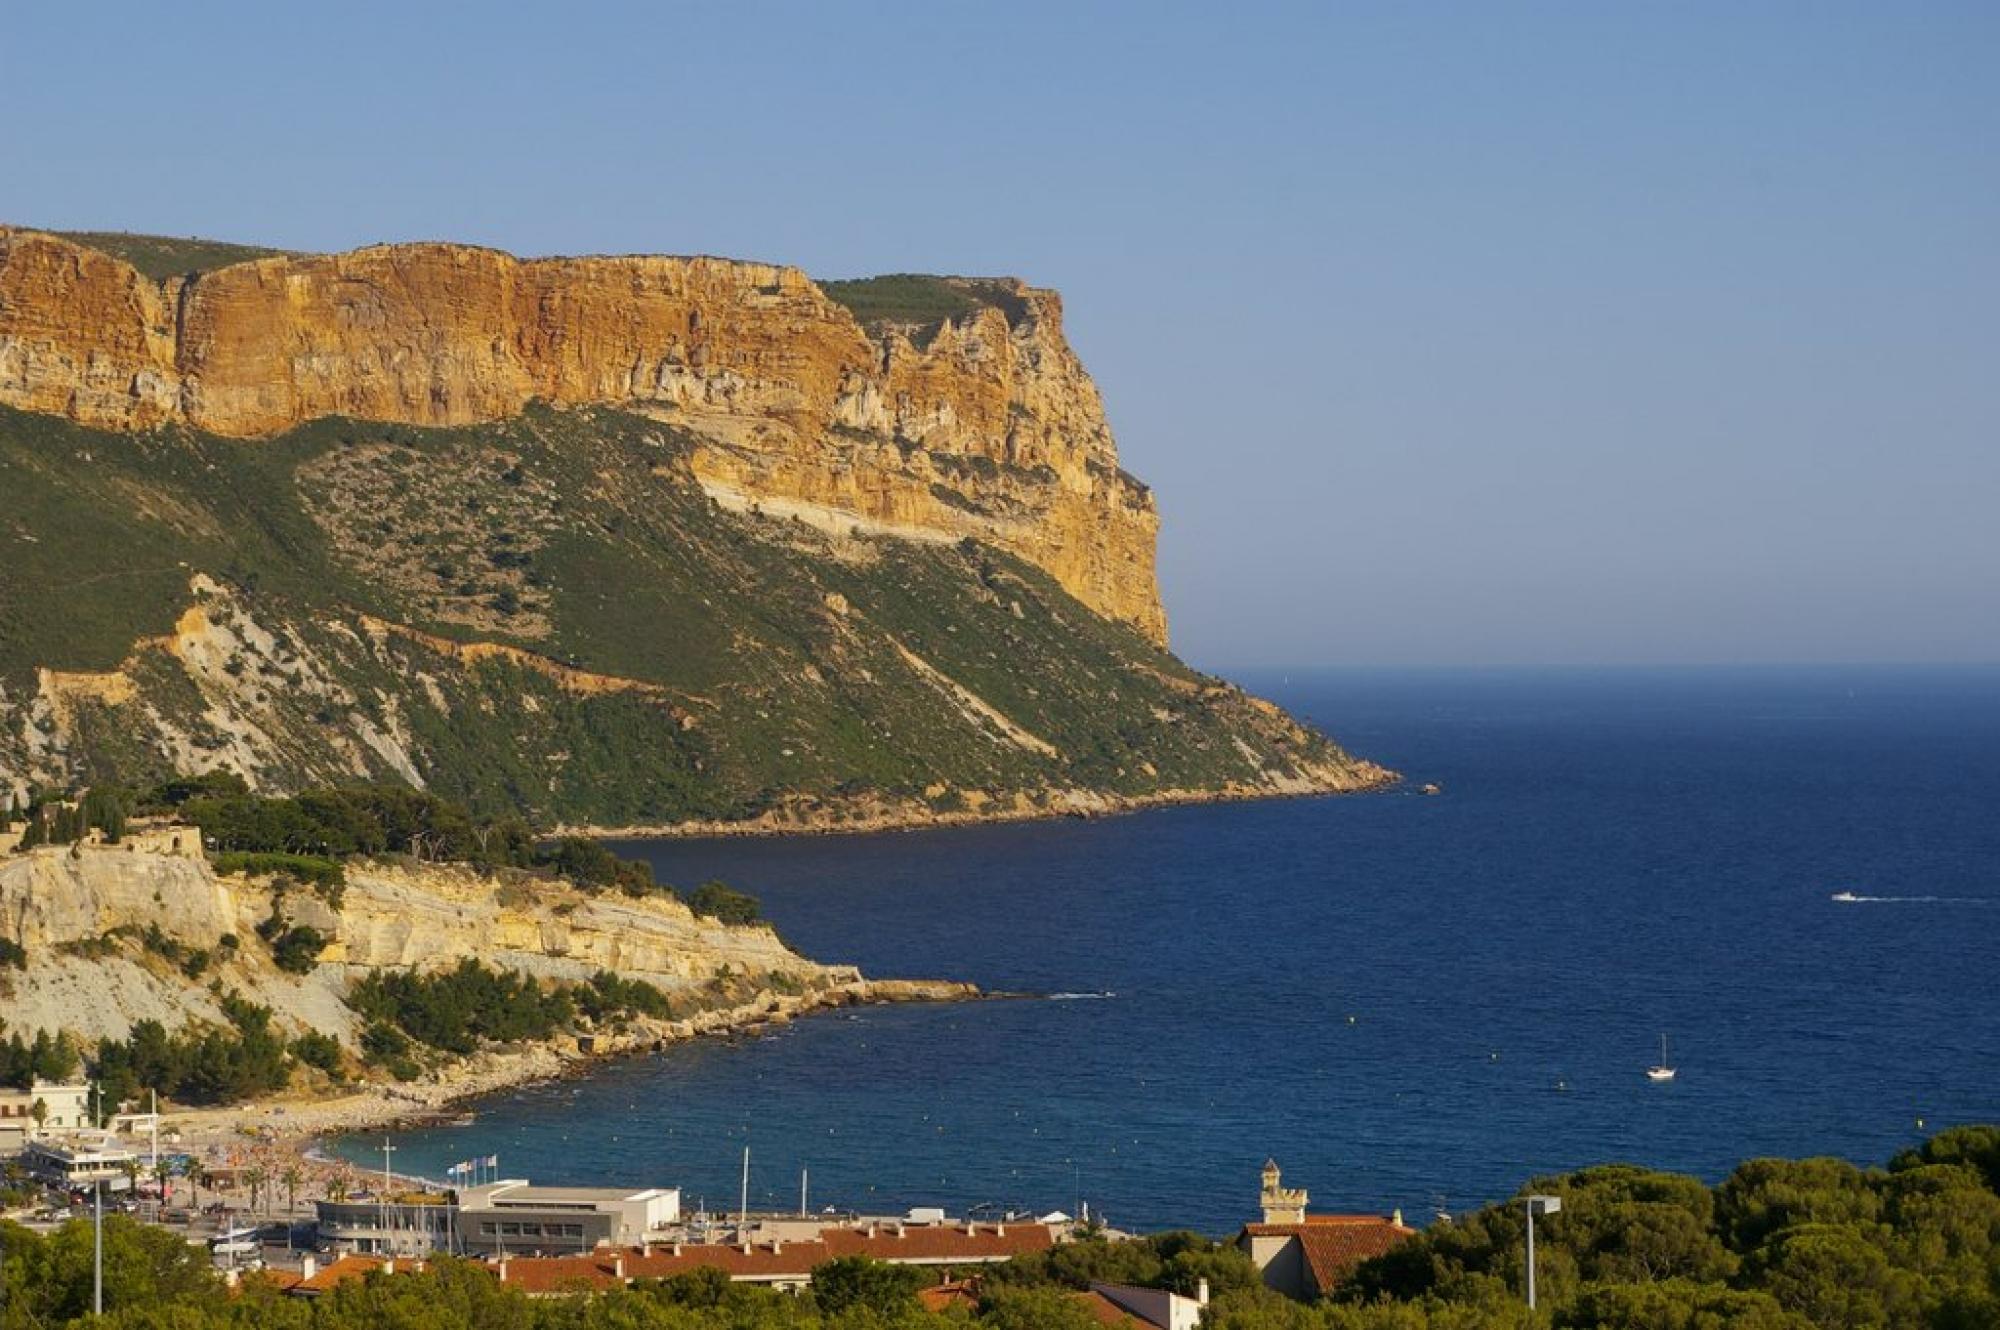 La plus haute falaise maritime d'Europe : le Cap Canaille à Cassis